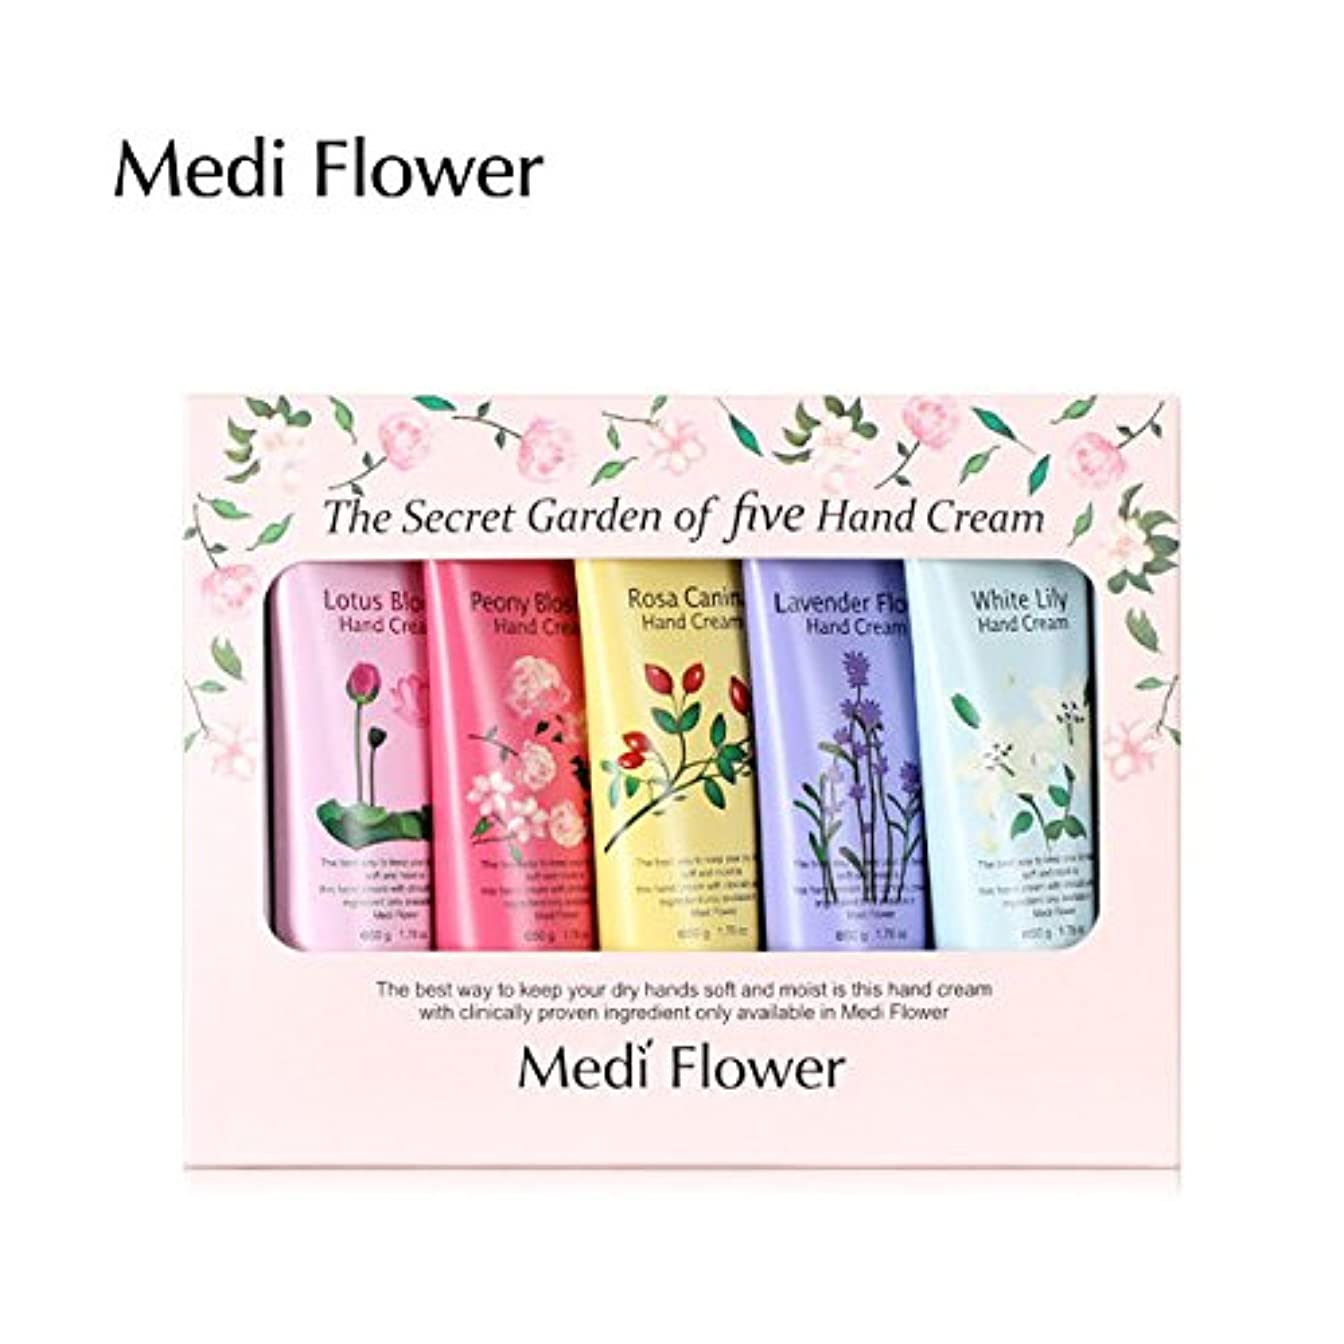 以前は液体呪われた[MediFlower] ザ?シークレットガーデン?ハンドクリームセット(50g x 5個) / The Secret Garden of Five Hand Cream Set